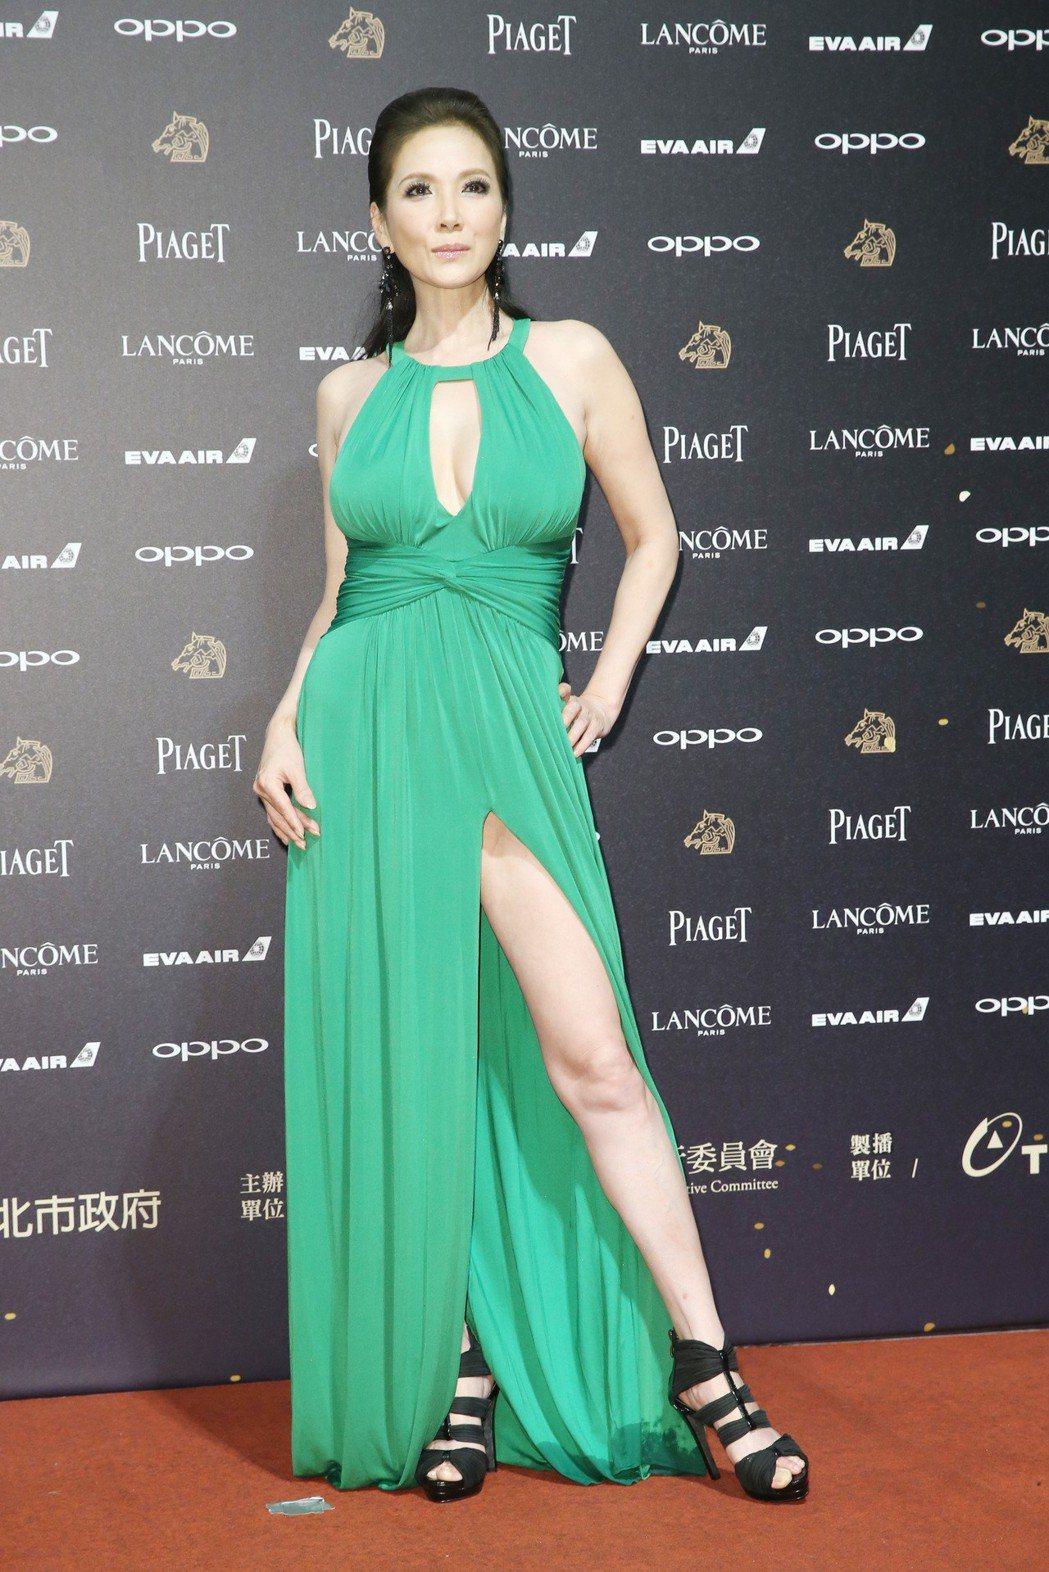 第五十四屆金馬獎,大佛普拉斯演員丁國琳走紅毯。記者林俊良╱攝影